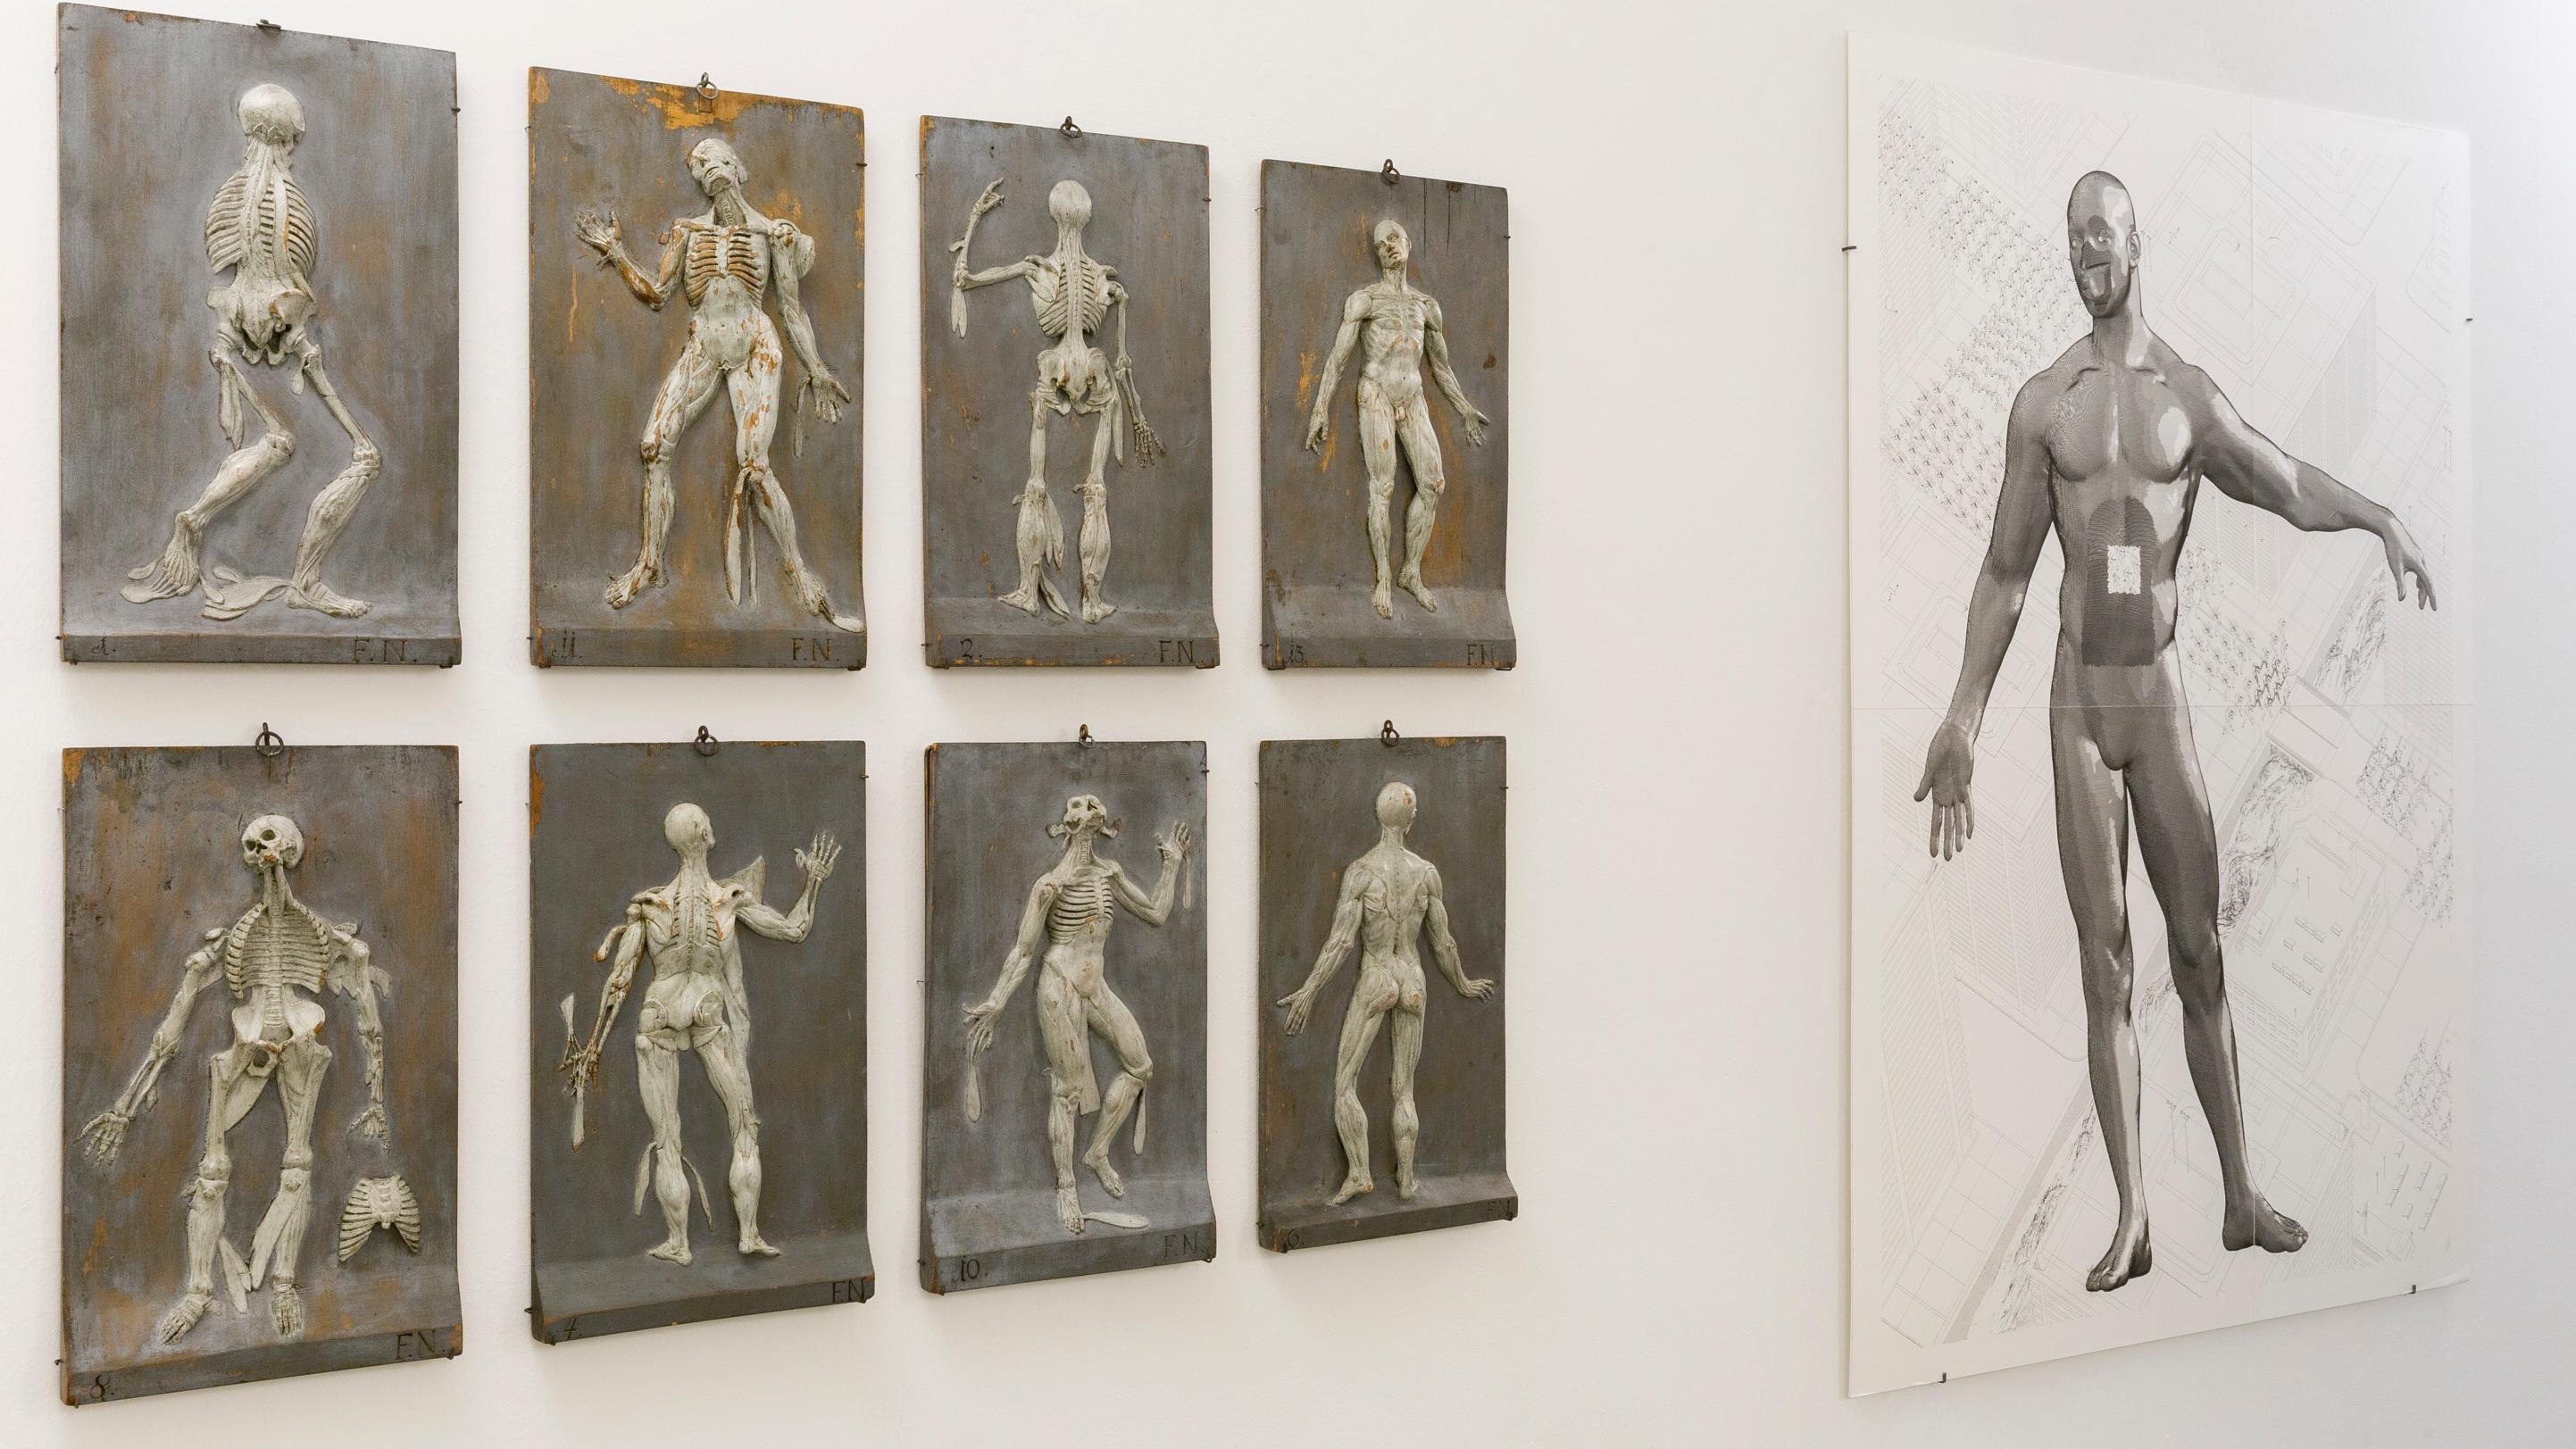 Links hängen acht, jeweils vier übereinander hängende, Relieftafeln vom menschlichen Skelett. Rechts hängt ein abstrakes Gemälde des menschlichen Körpers.